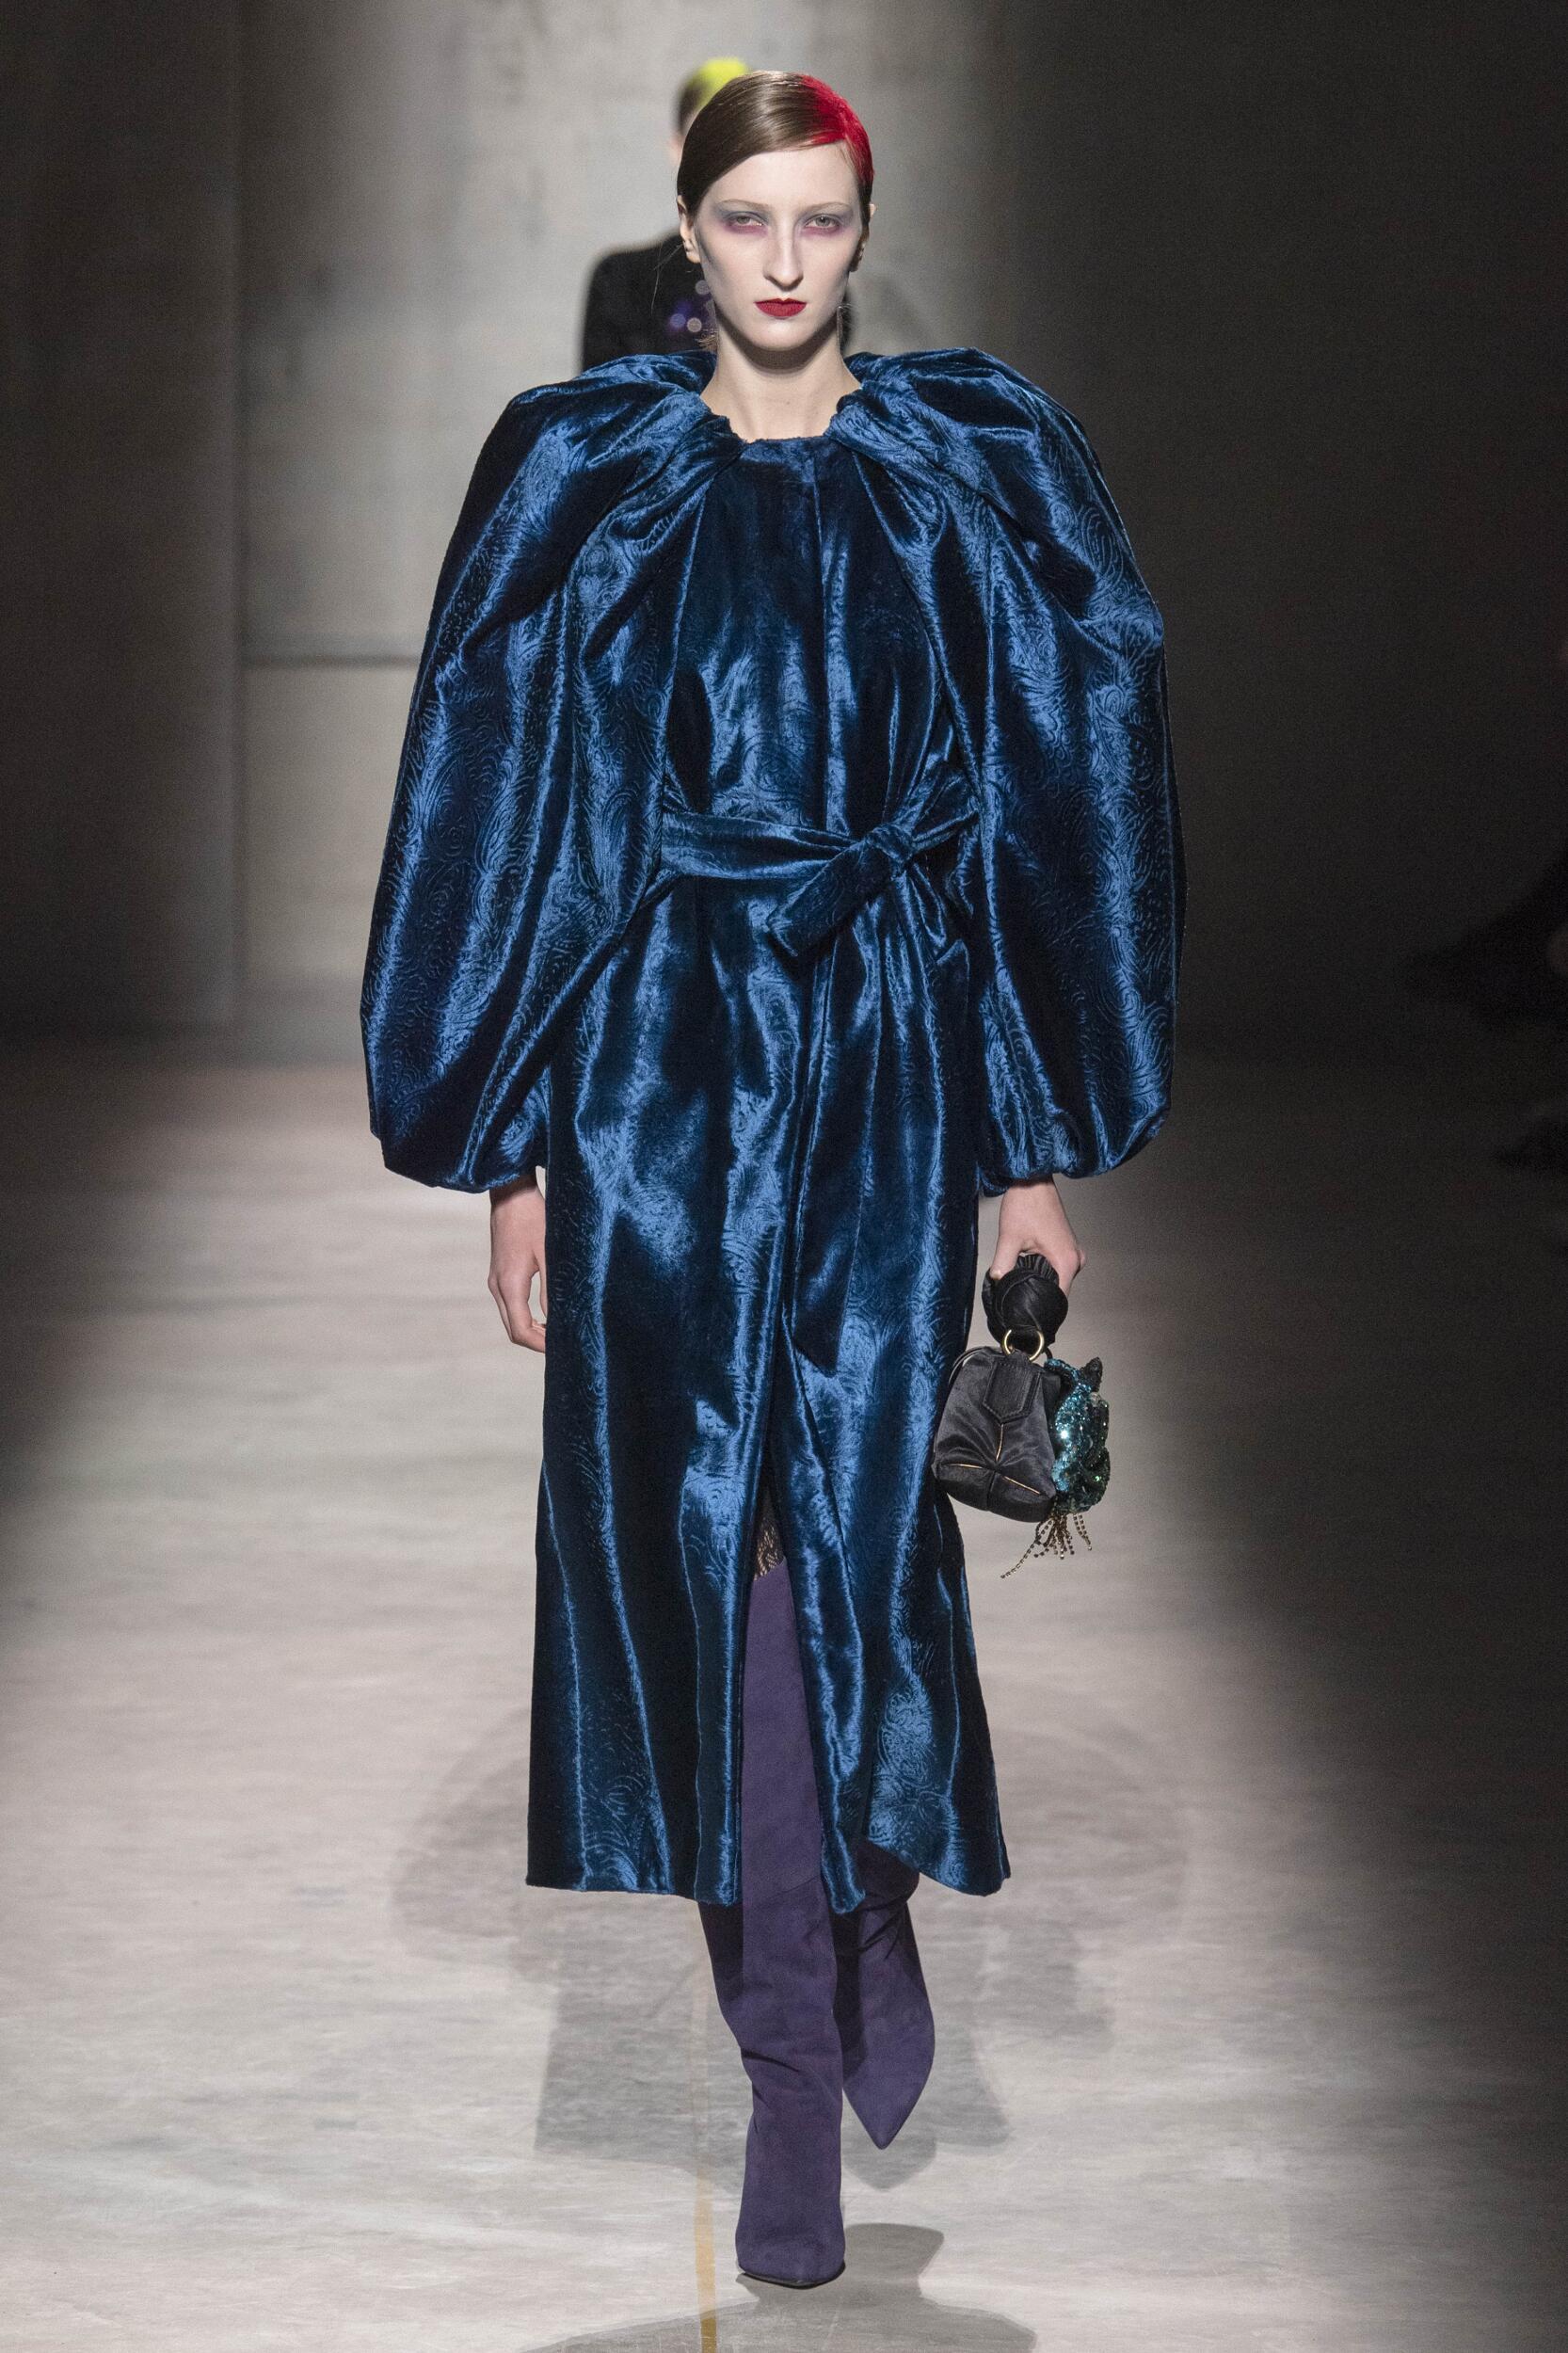 Dries Van Noten Womenswear Collection Trends